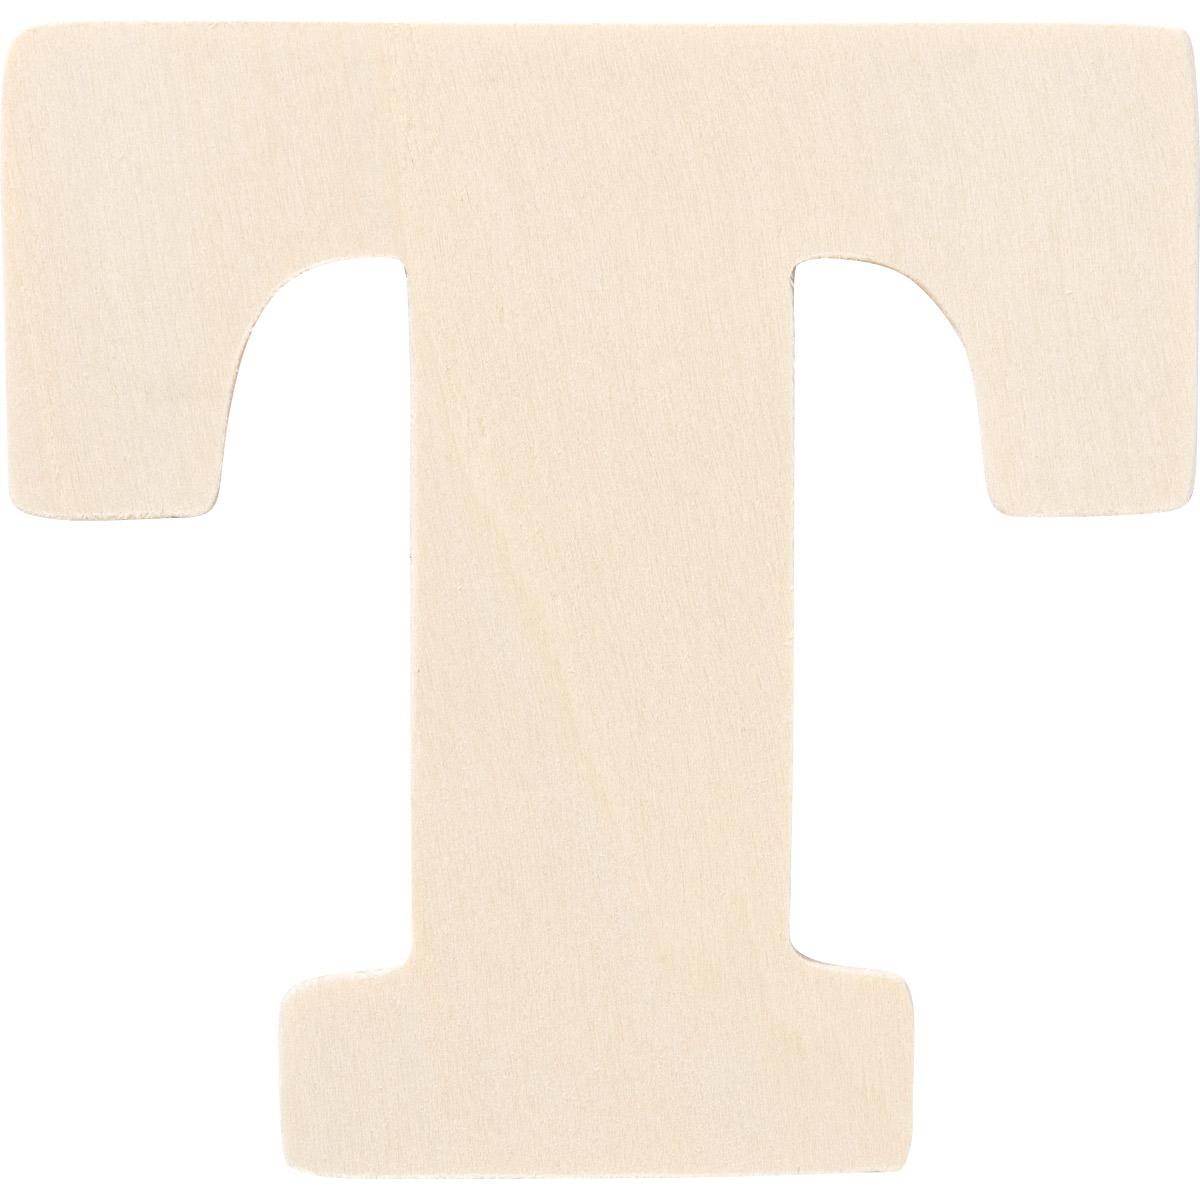 Plaid ® Painter's Palette™ Wood Letter - T. 4 inch - 23883